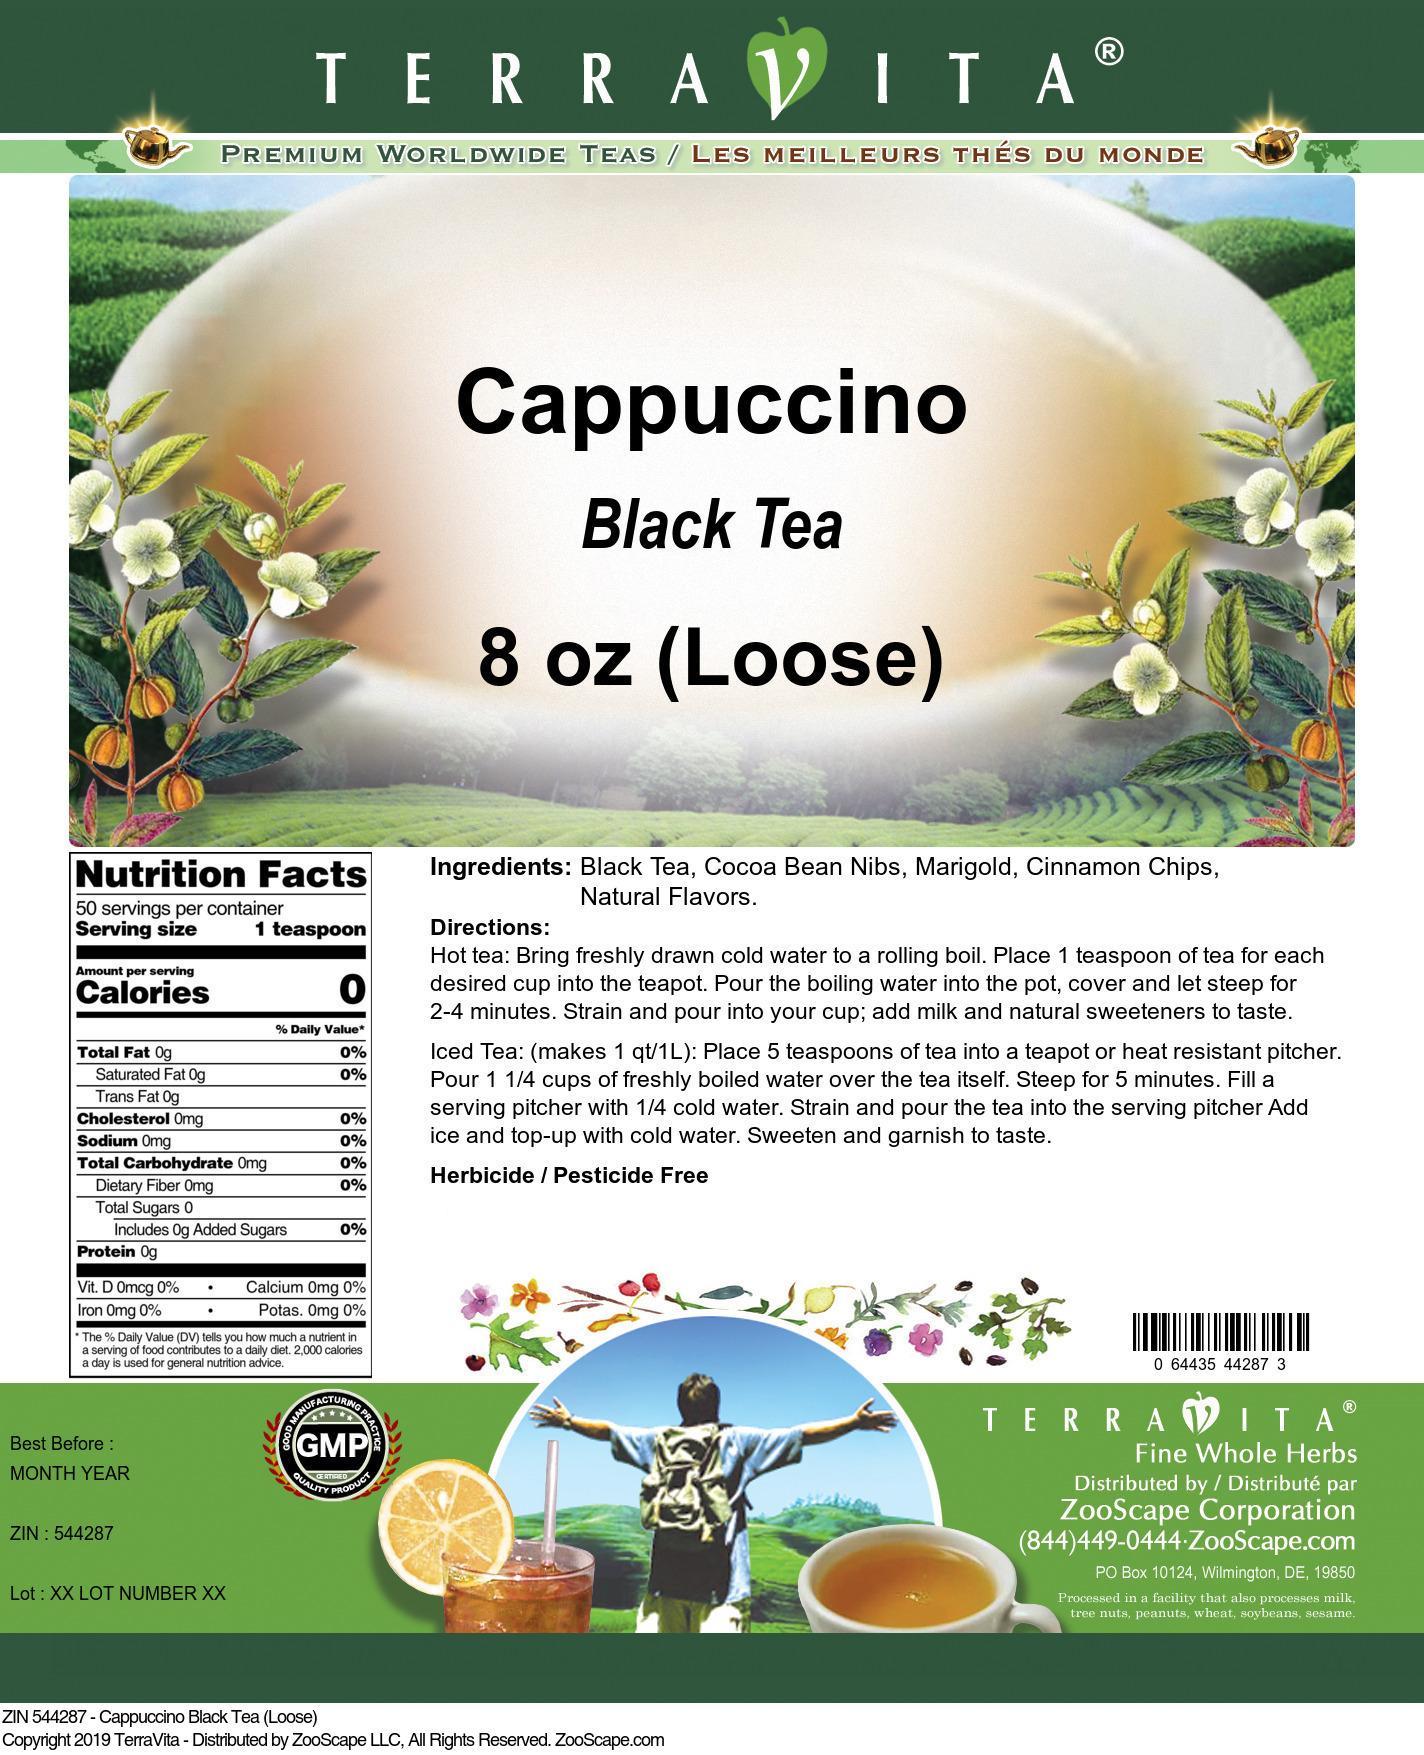 Cappuccino Black Tea